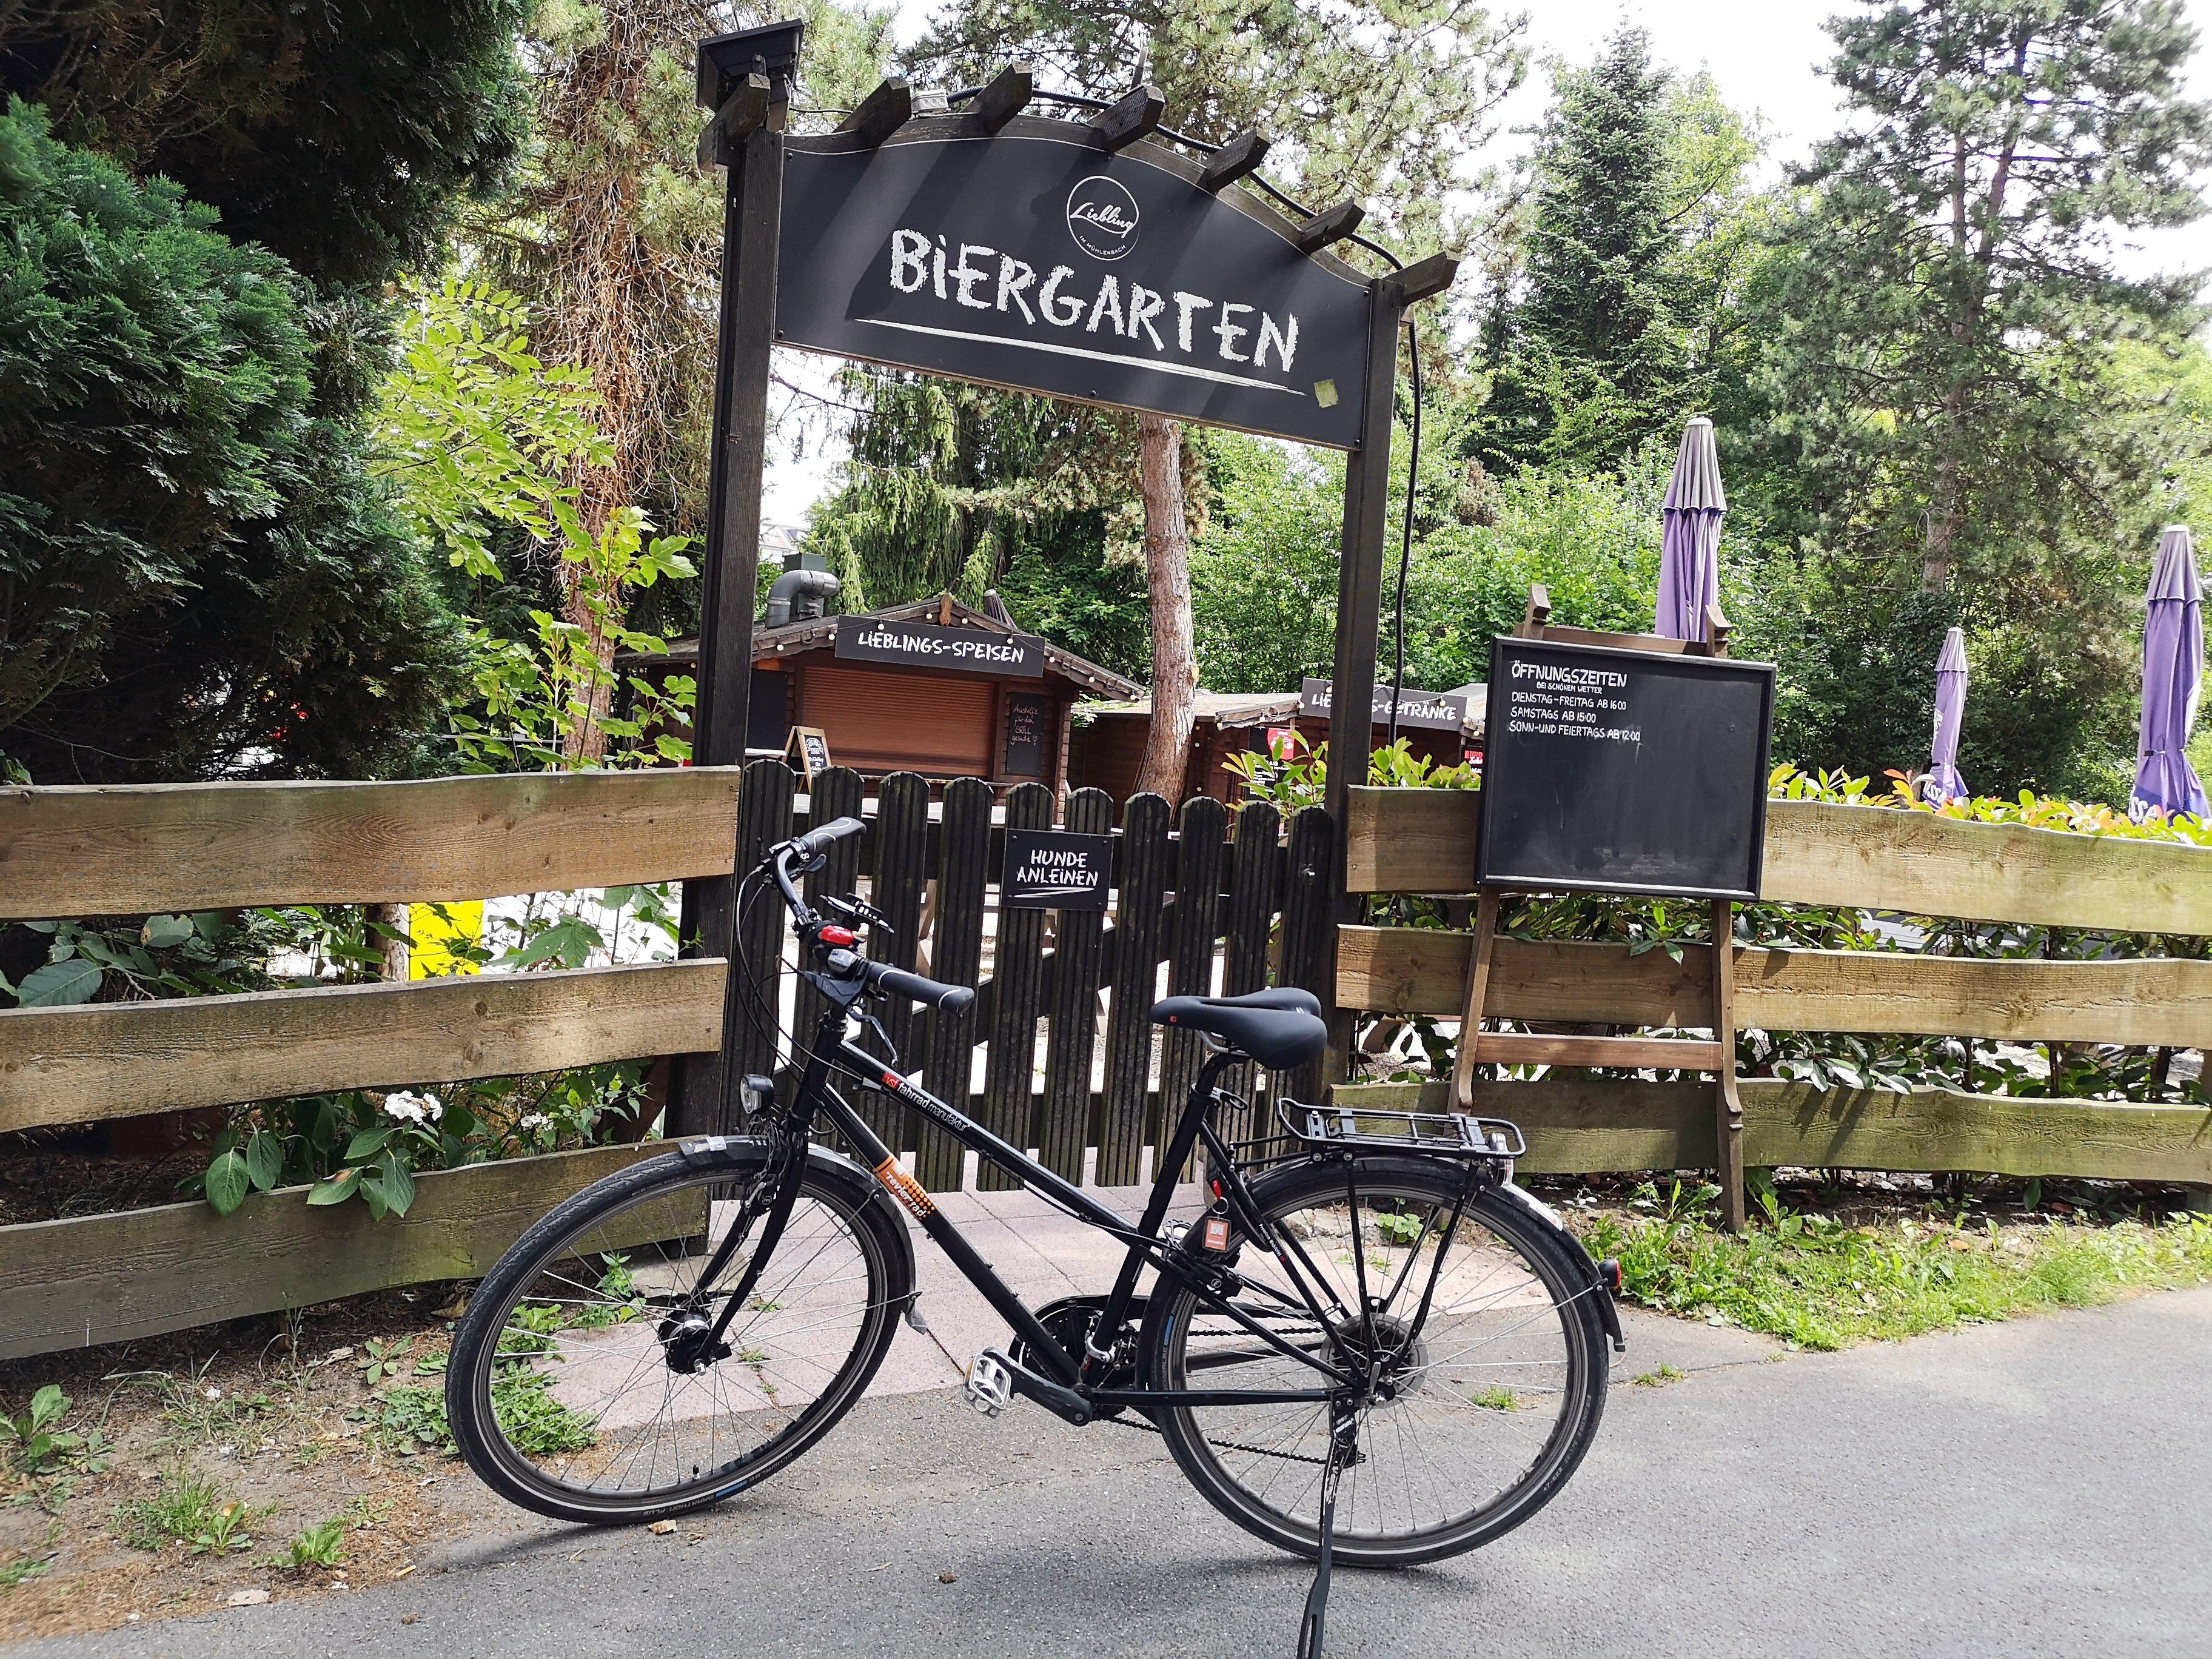 Das Bild zeigt ein Fahrrad vor dem Biergarten Liebling im Hexbachtal in Mülheim an der Ruhr